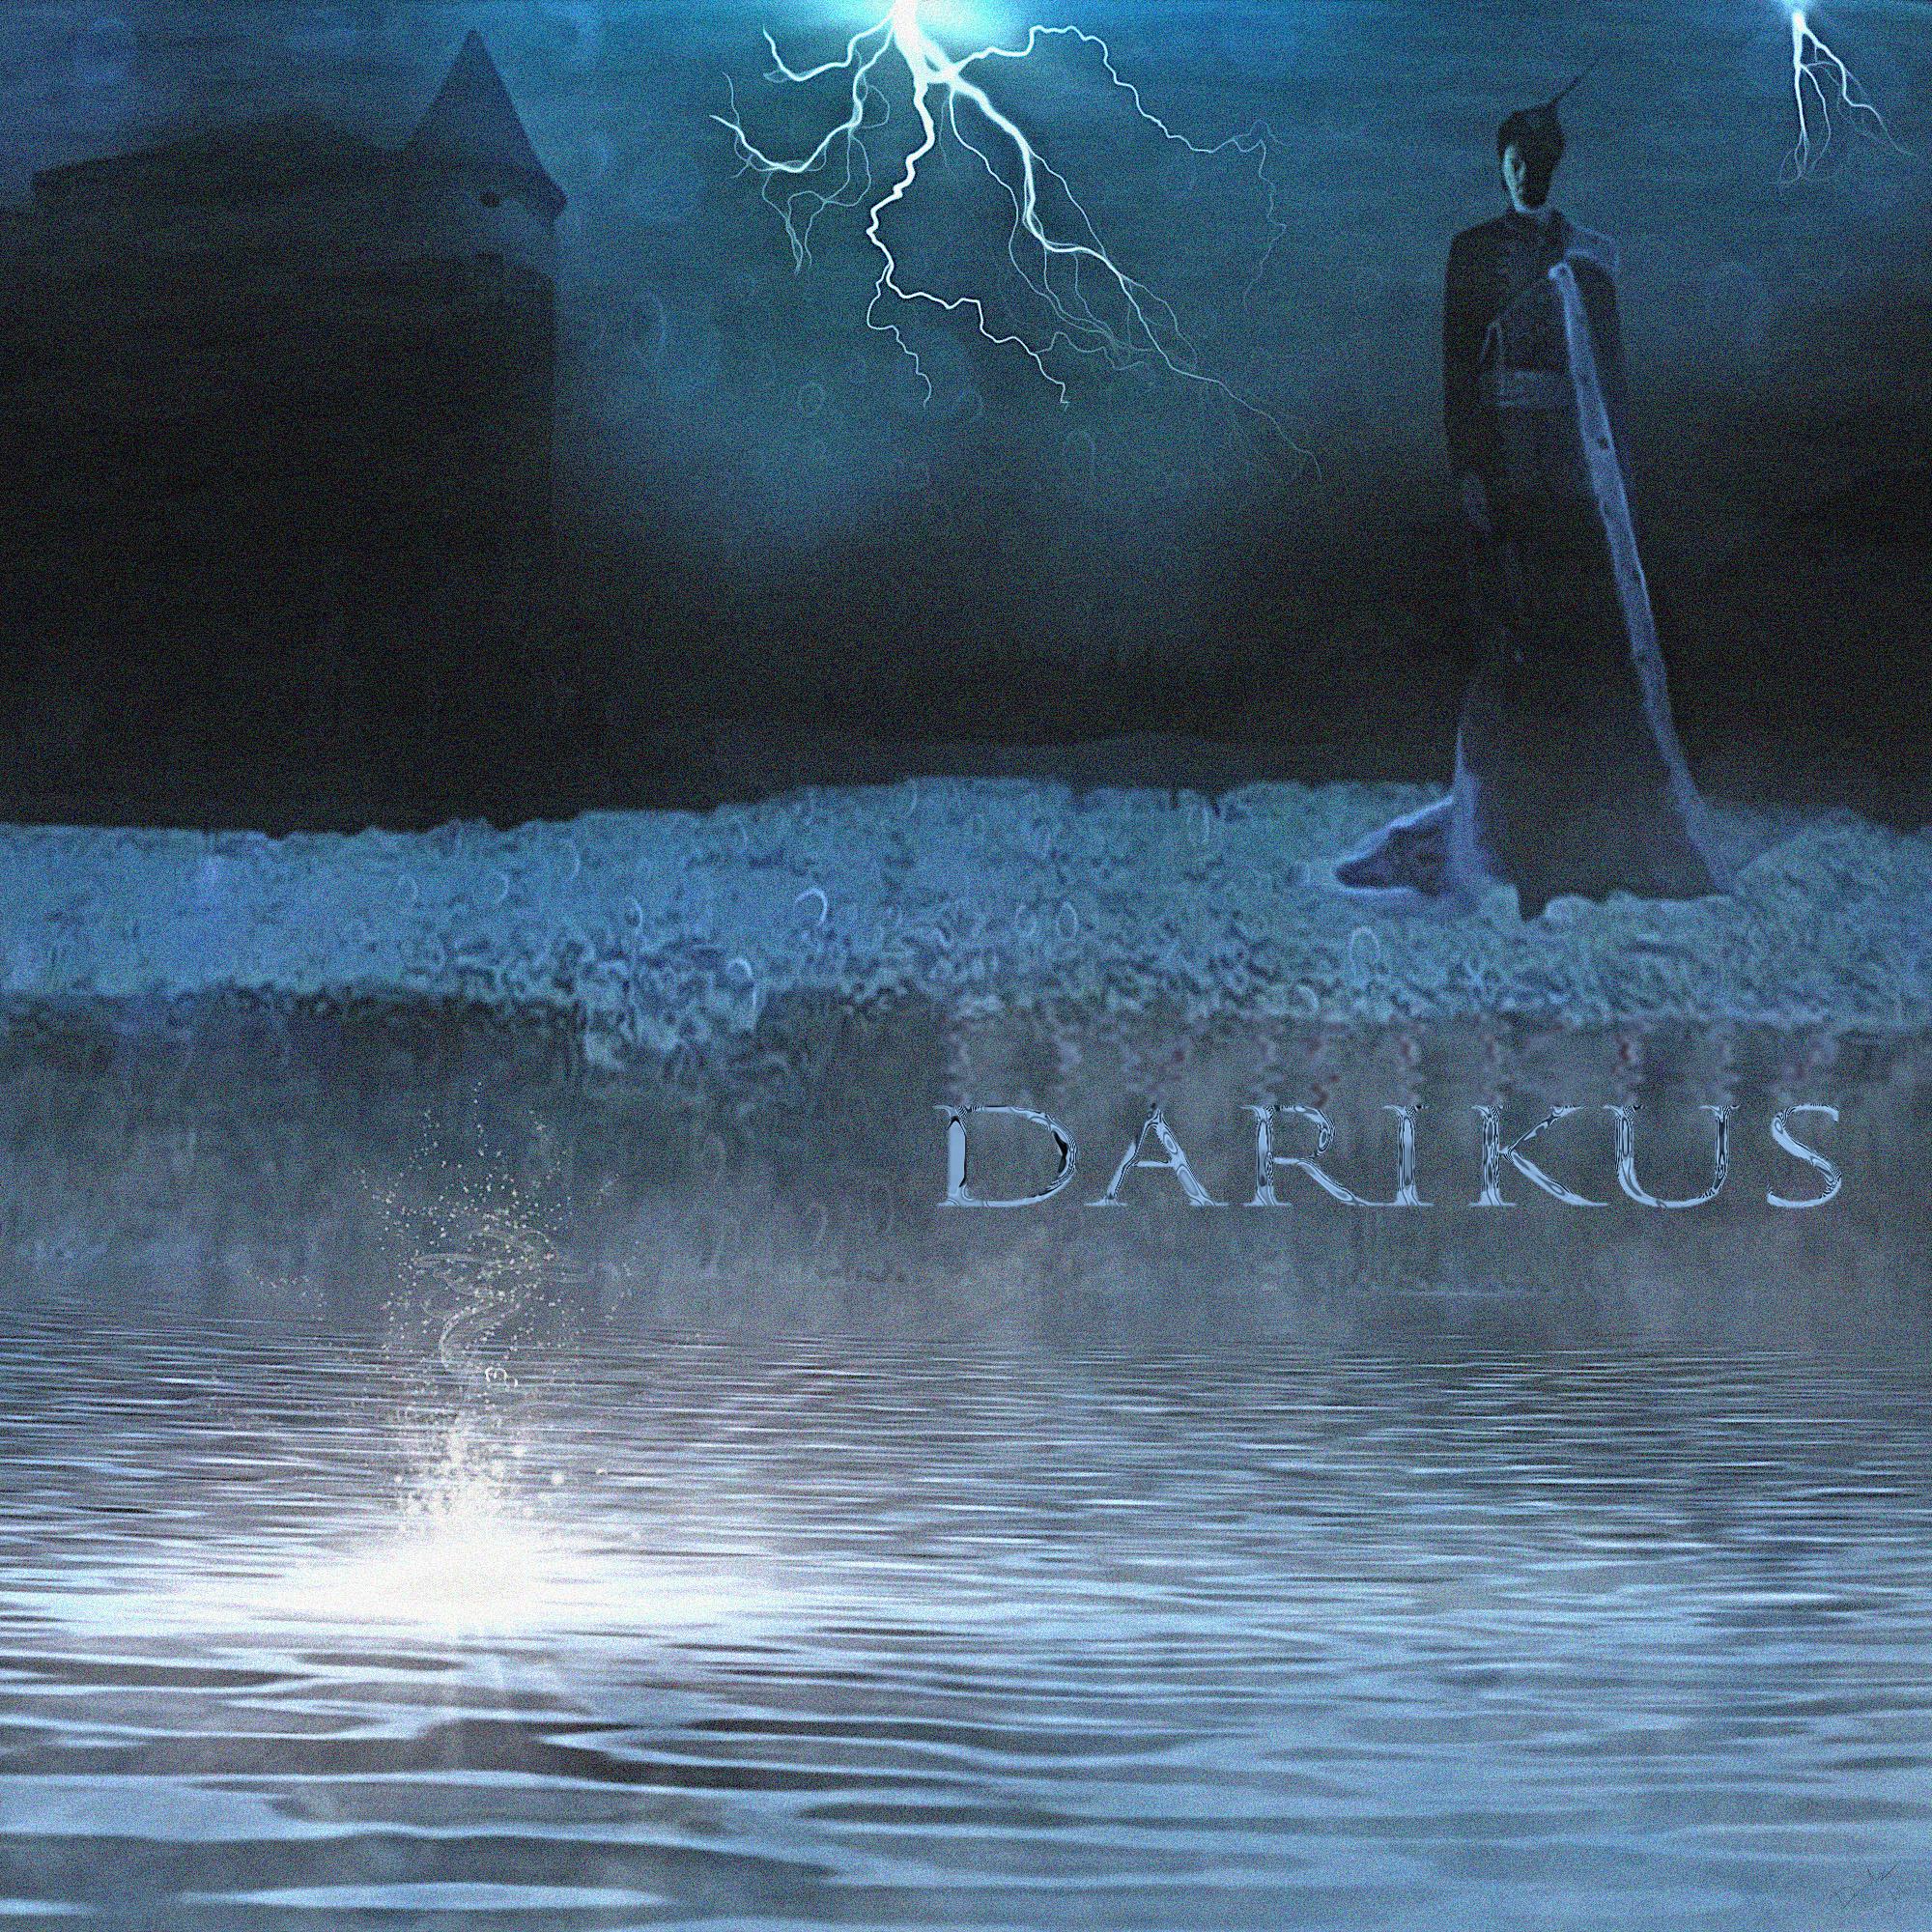 Realm of Darikus